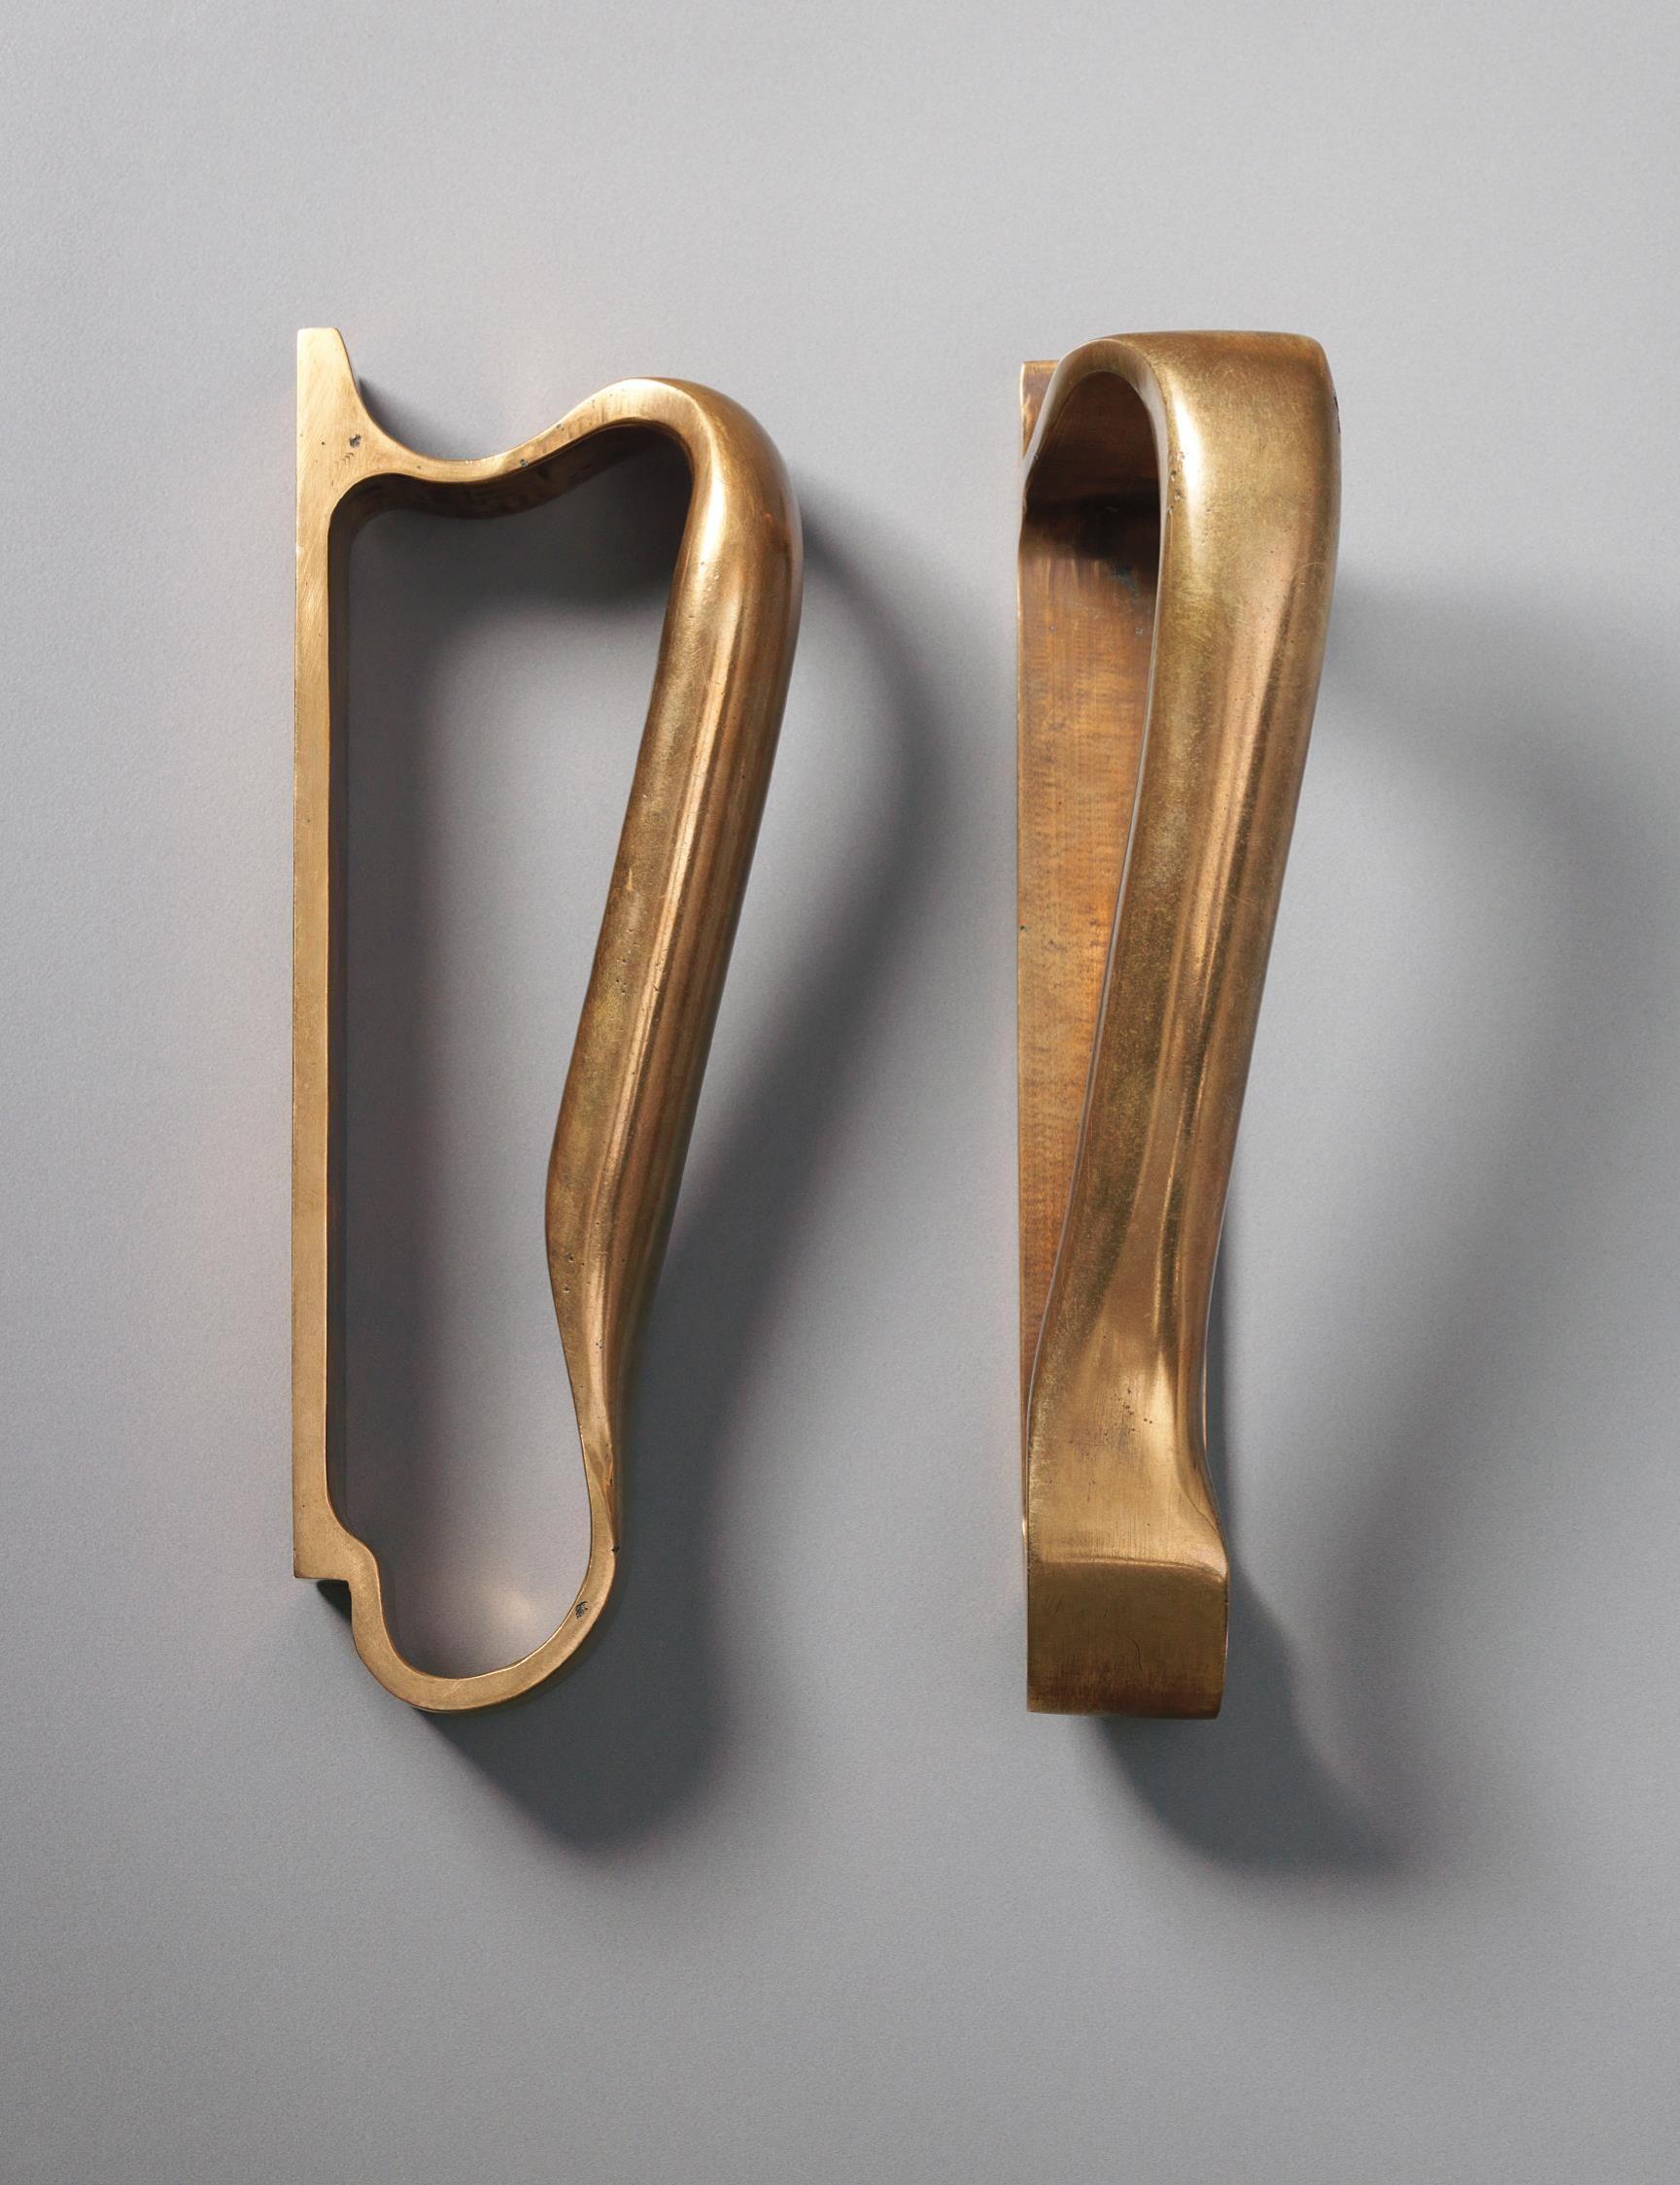 alvar aalto bronze door handles by valaistus c1955 pretty